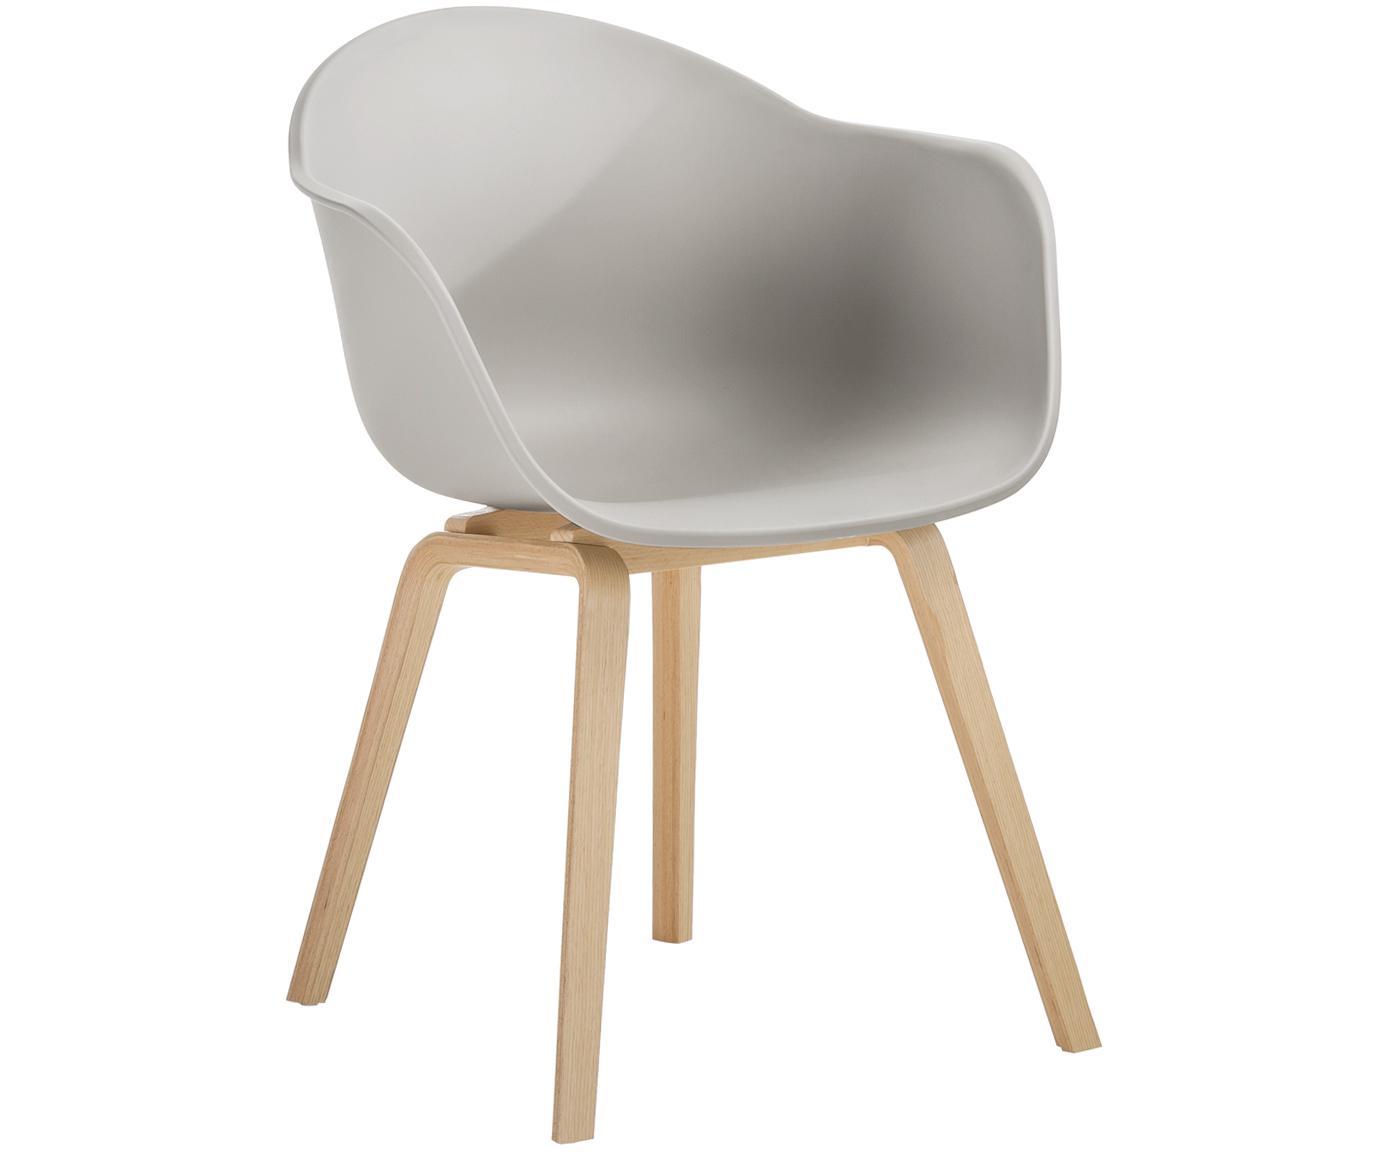 Silla con reposabrazos de plástico Claire, Asiento: plástico, Patas: madera de haya, Gris beige, haya, An 61 x F 58 cm